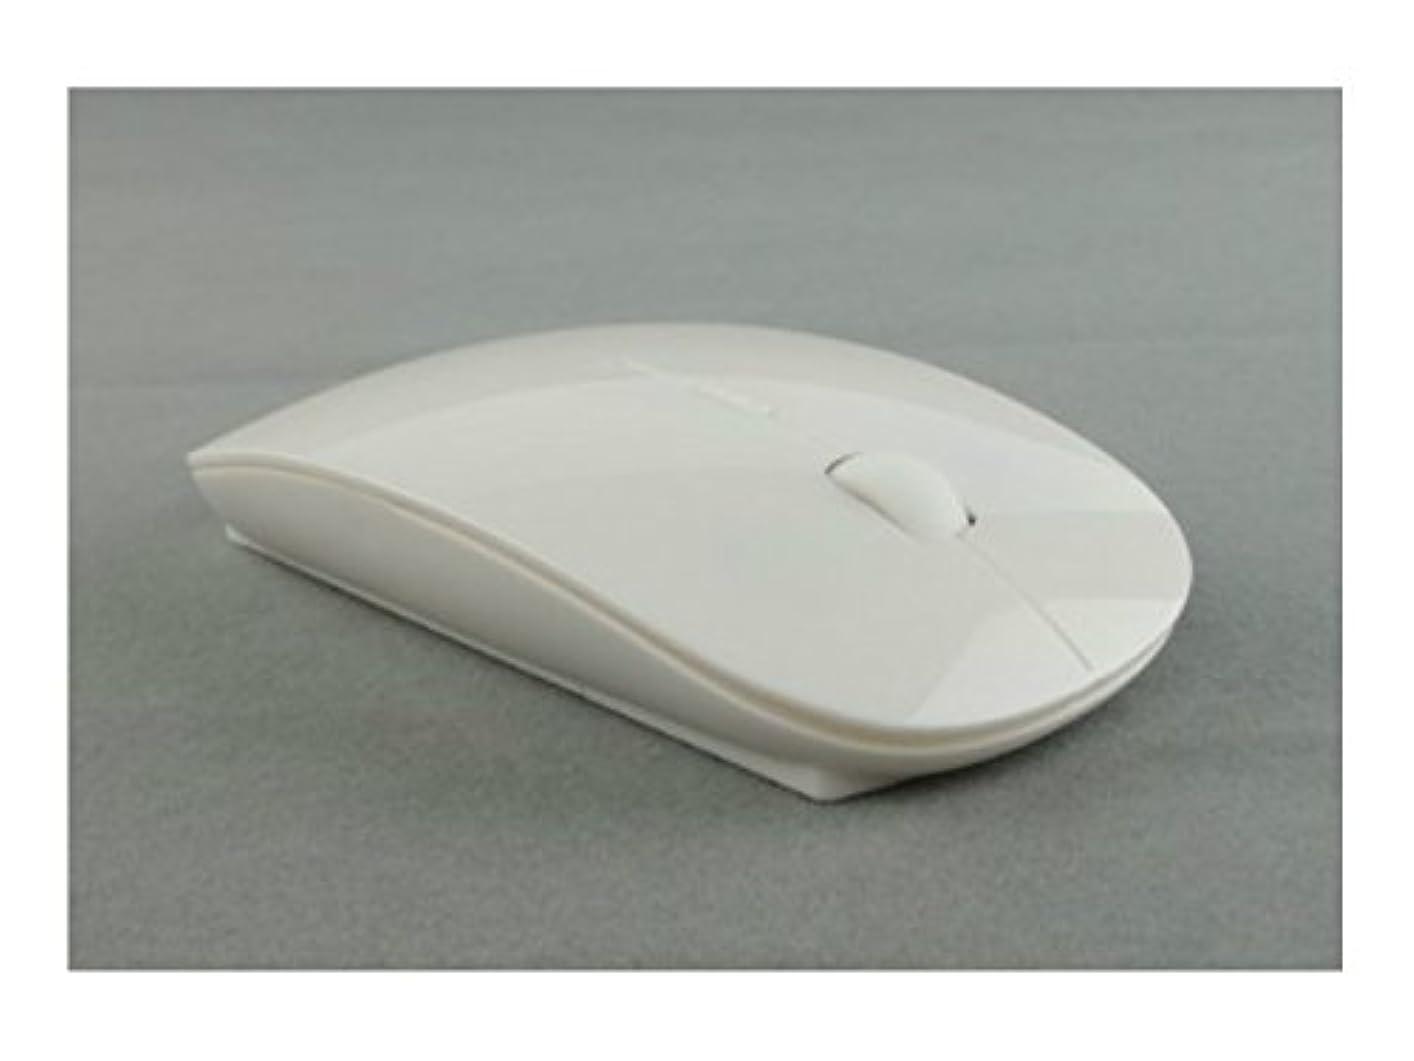 旅行バースバースFenBuGu-JP ポータブルバッテリワイヤレスBluetoothマウスゲーミングマウスノイズレスワイヤレス光学マウス人間工学に基づいたマウス ゲーム